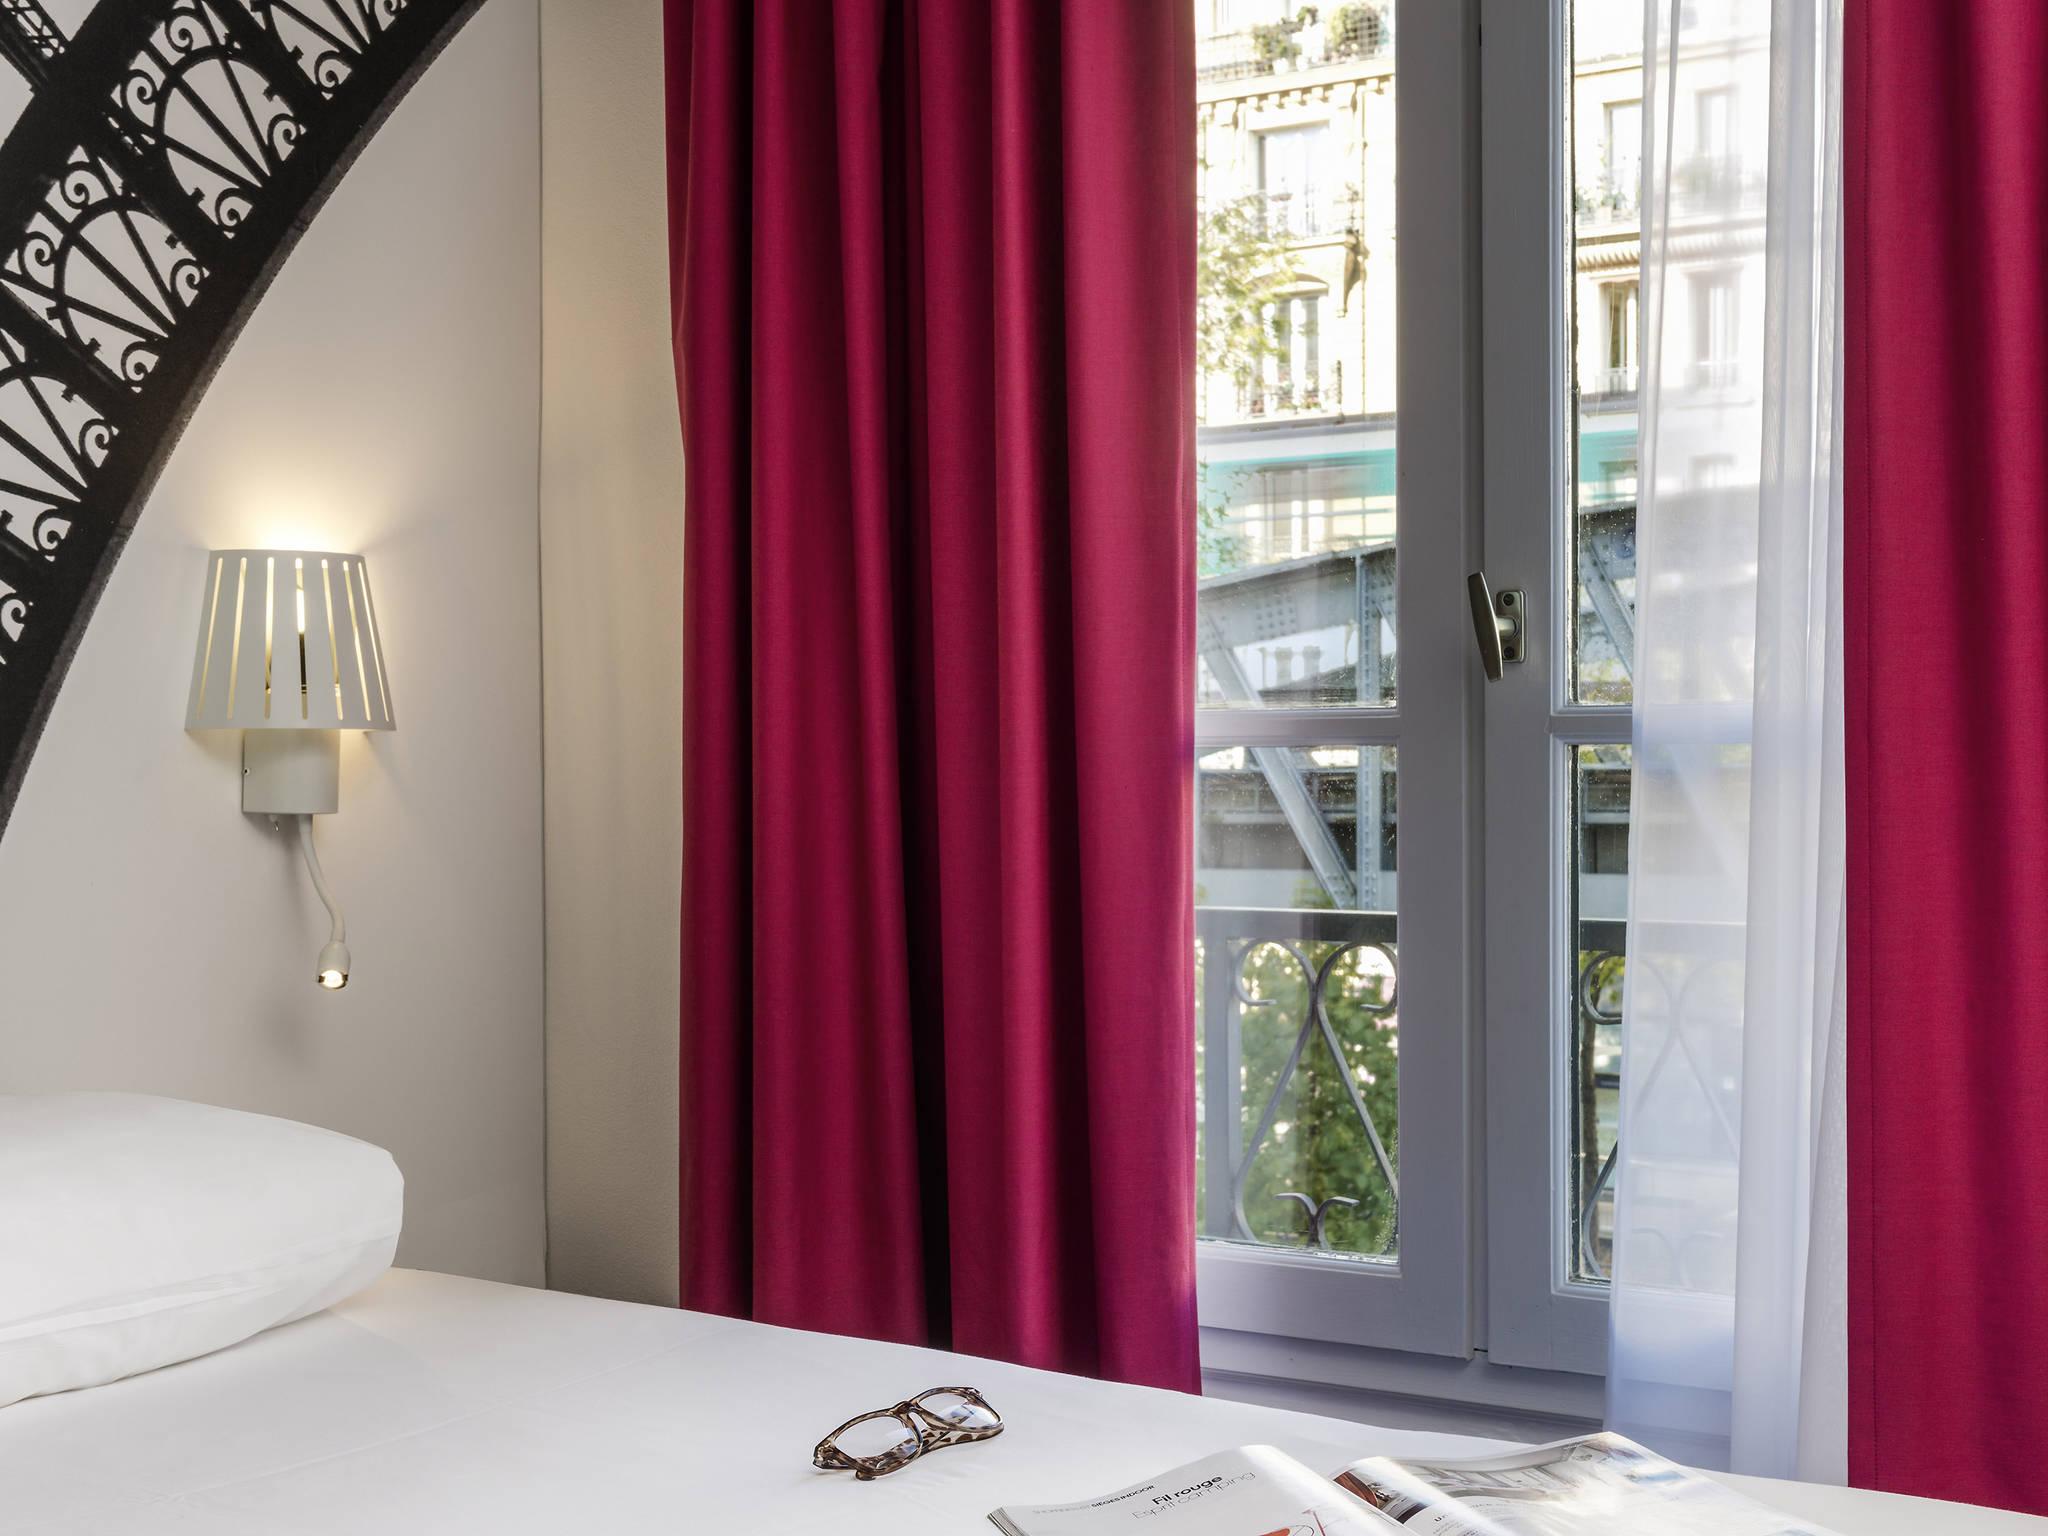 ホテル – イビス スタイルズ パリ エッフェル カンブロンヌ(2015年7月オープン)